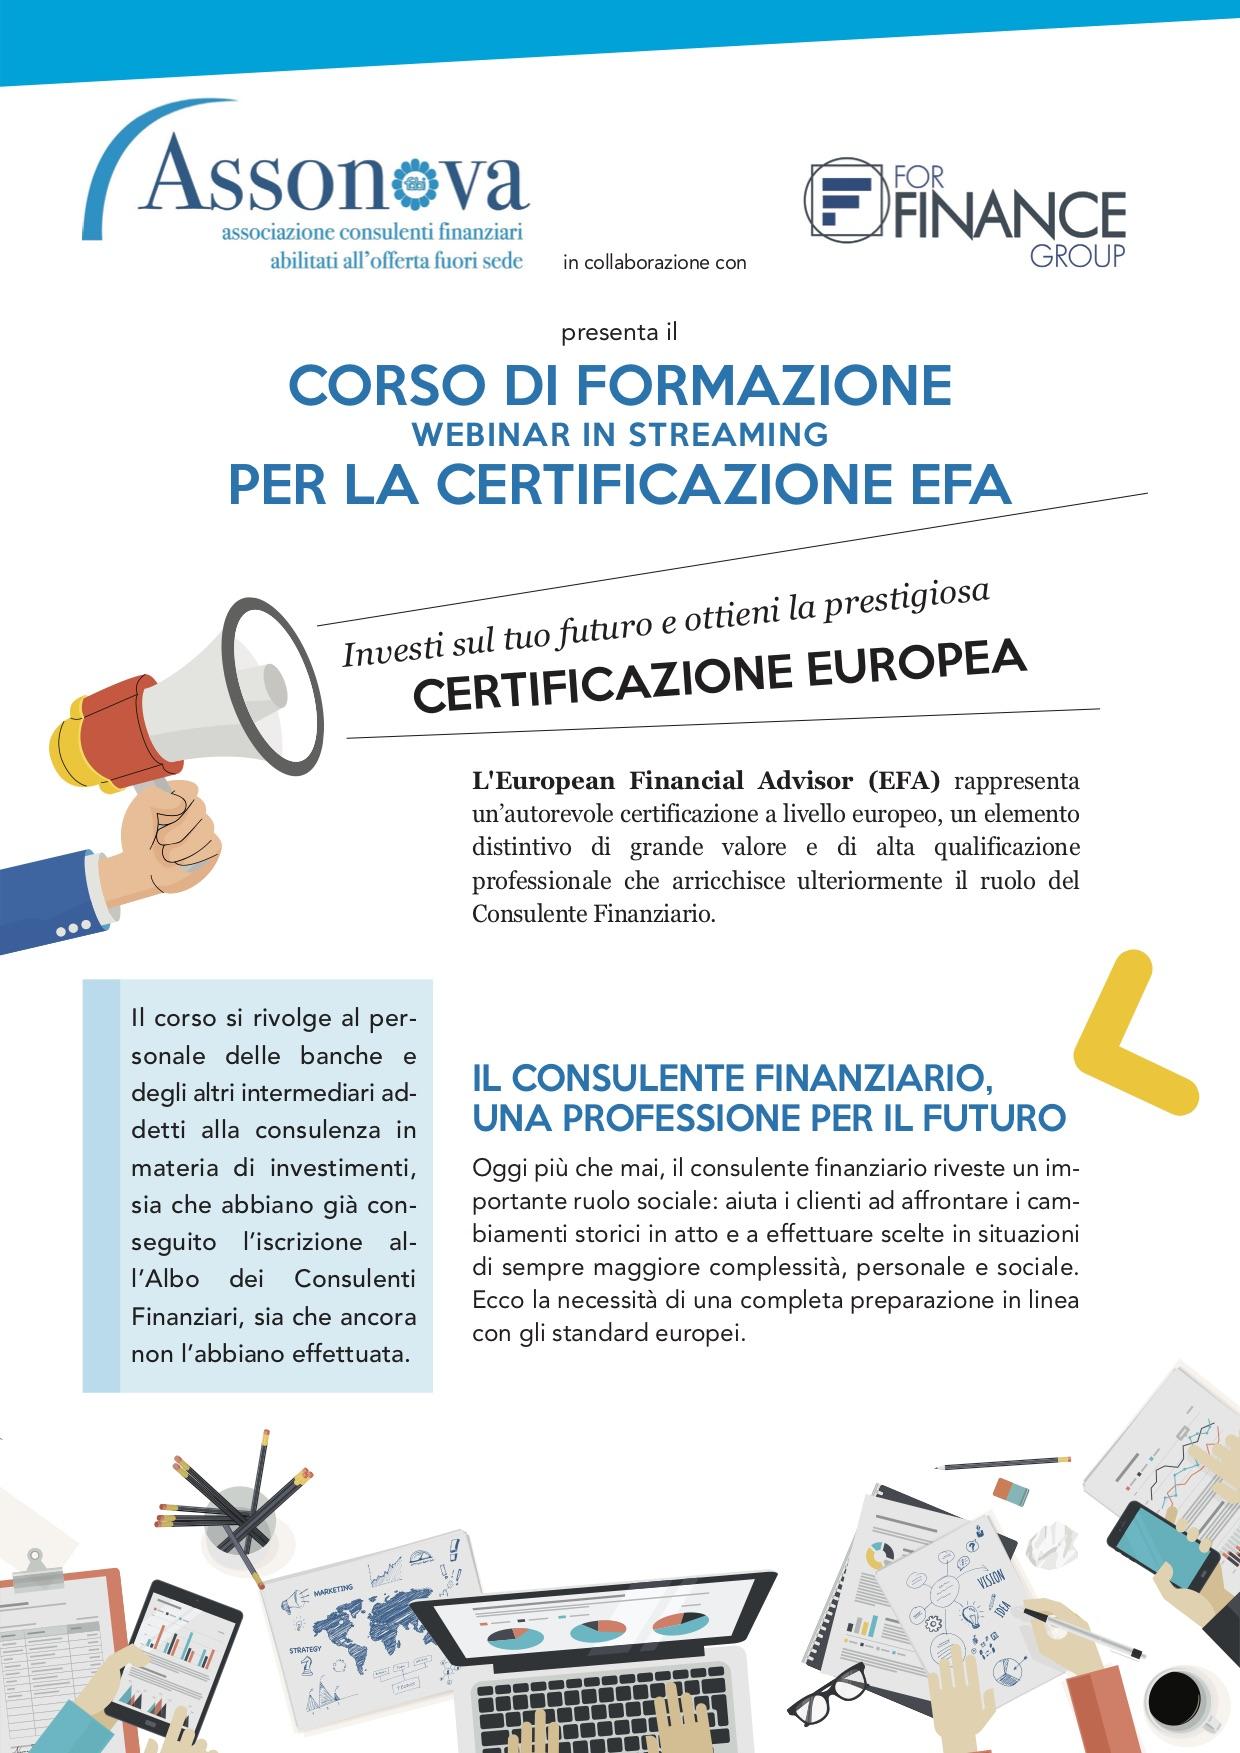 ASSONOVA, AL VIA IL CORSO PER LA CERTIFICAZIONE EUROPEA DEL CONSULENTE FINANZIARIO